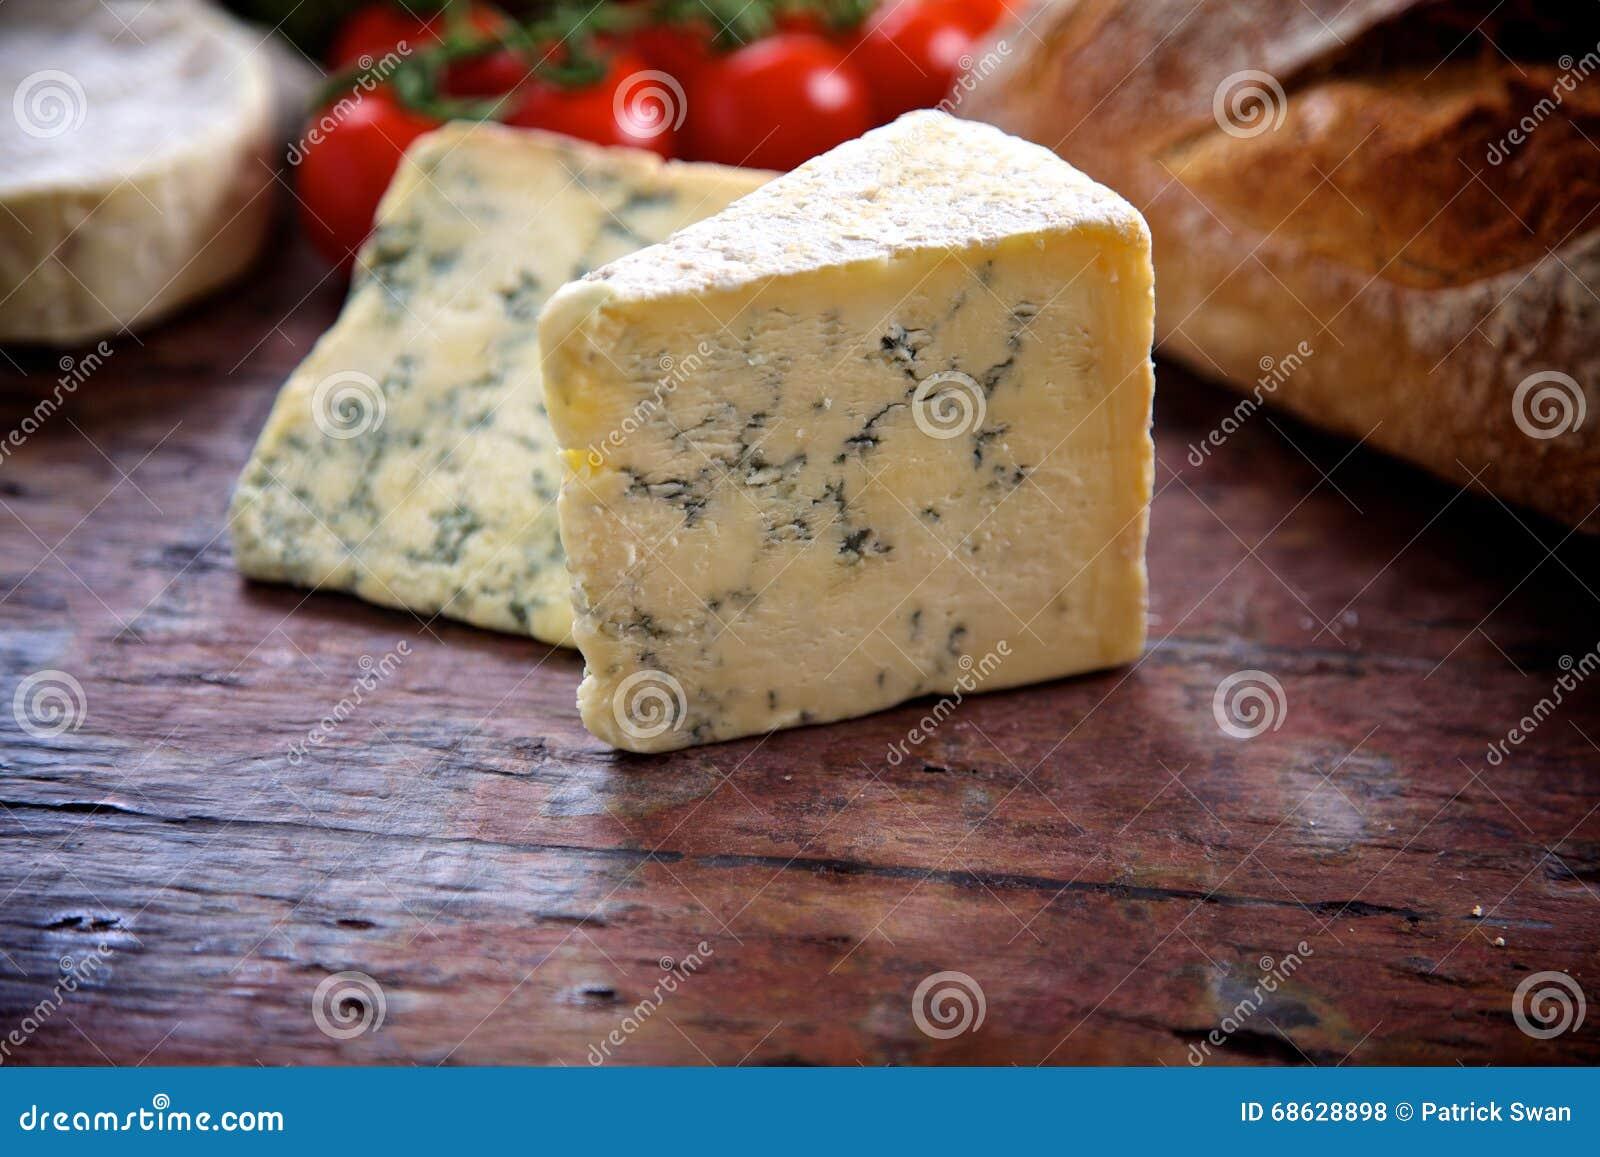 青纹干酪楔子